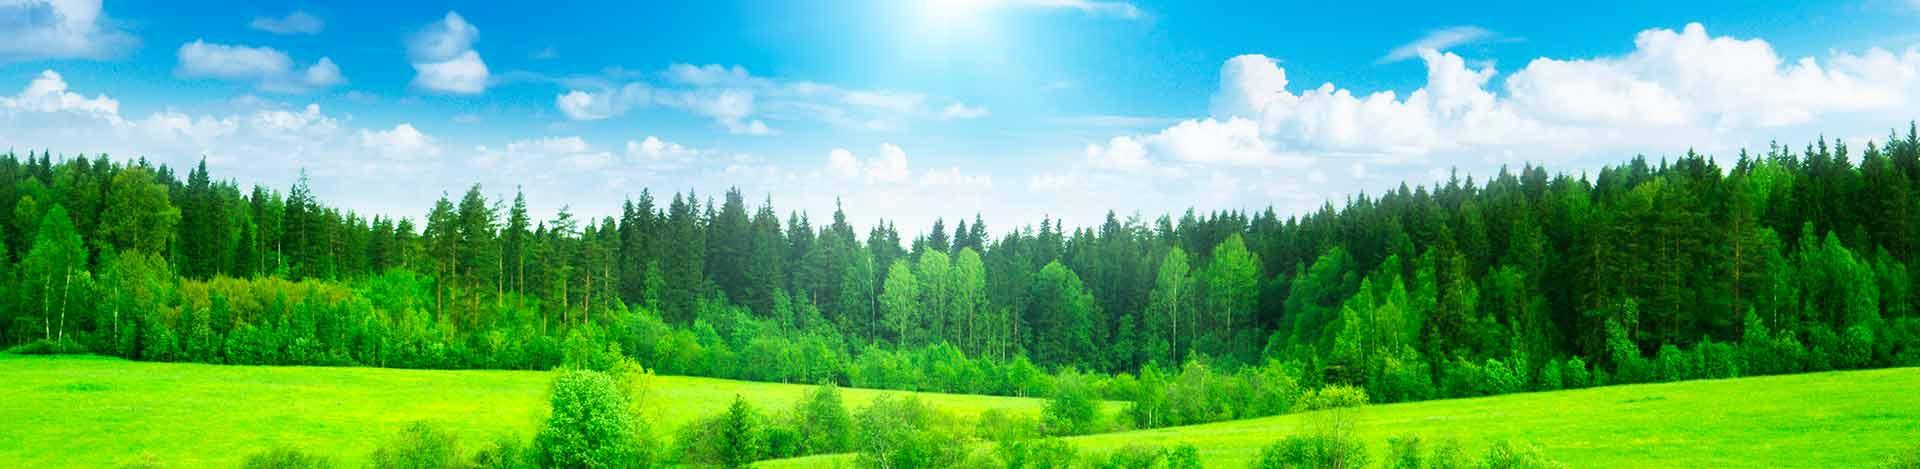 Ayudar a la industria a maximizar su eficiencia energética